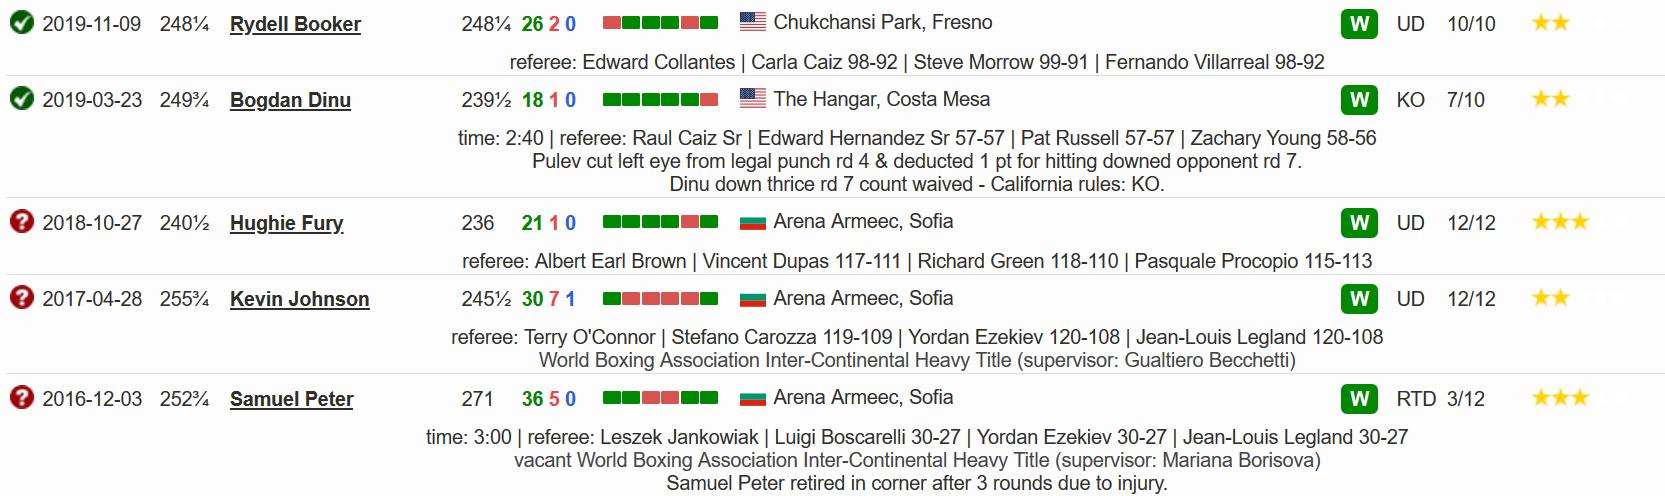 Последние 5 боев в боксерской карьере Кубрата Пулева